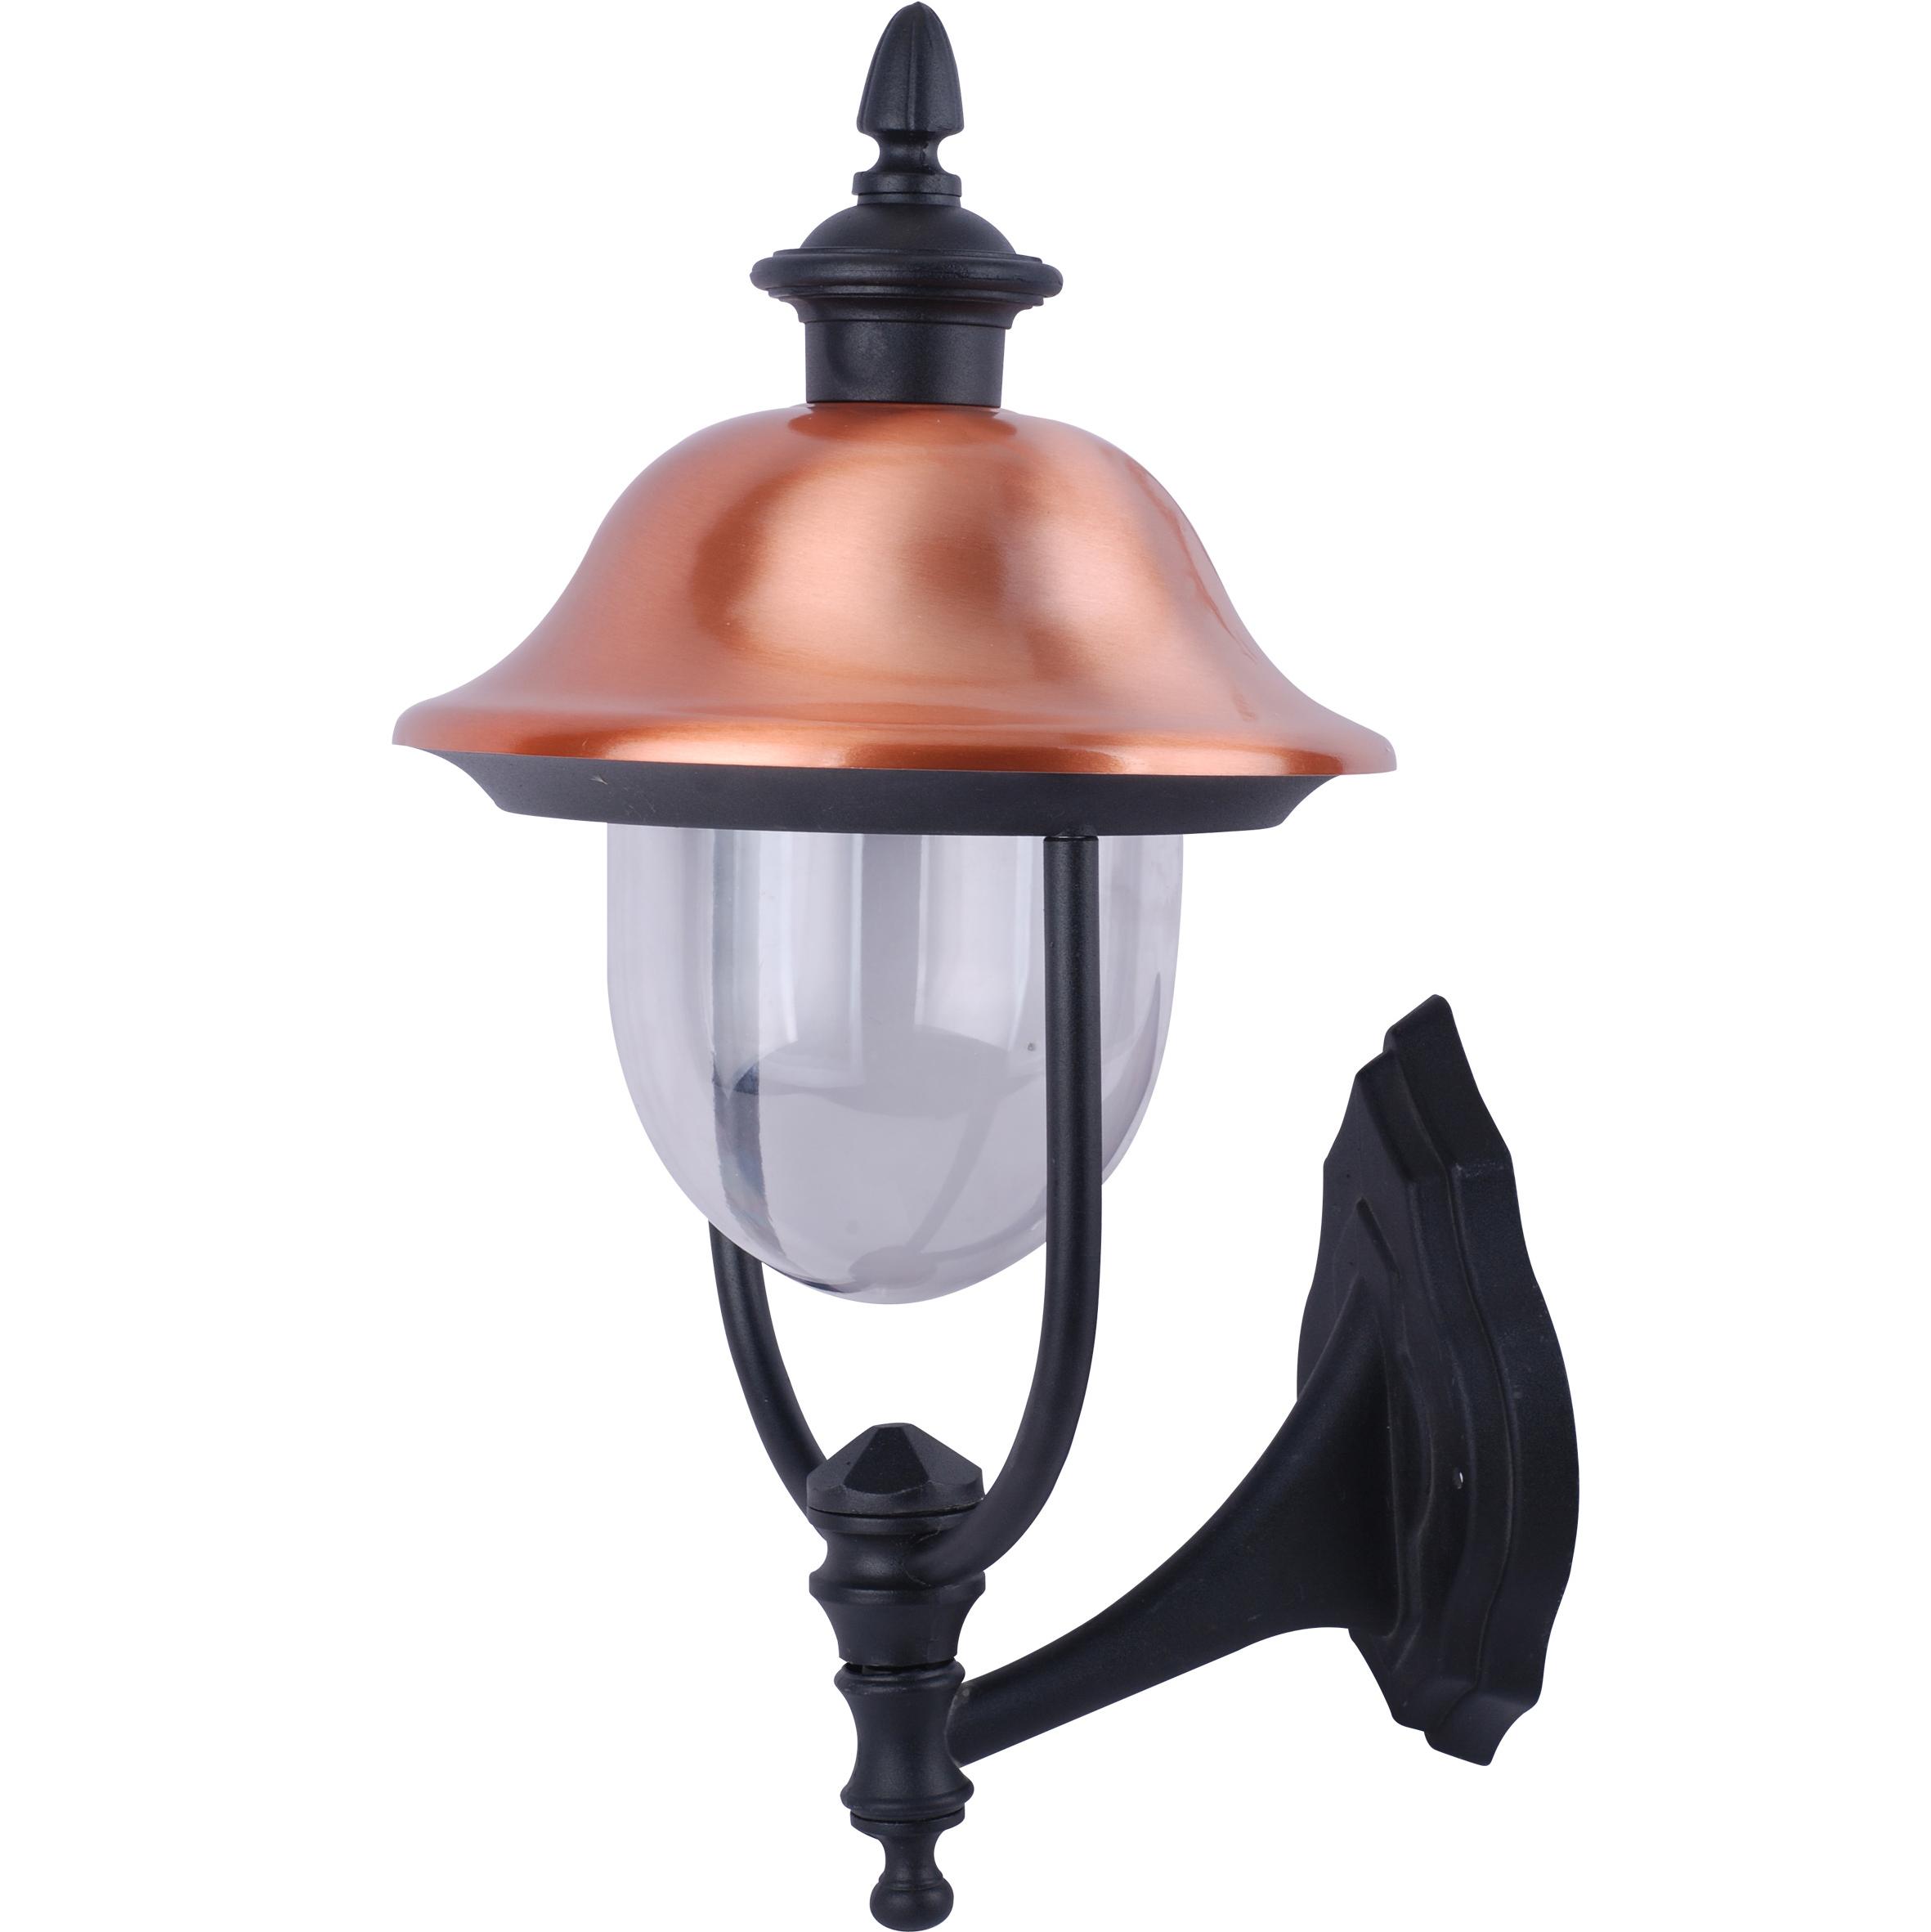 Светильник настенный уличный Arte lamp Barcelona a1481al-1bk бра artelamp barcelona a1481al 1bk